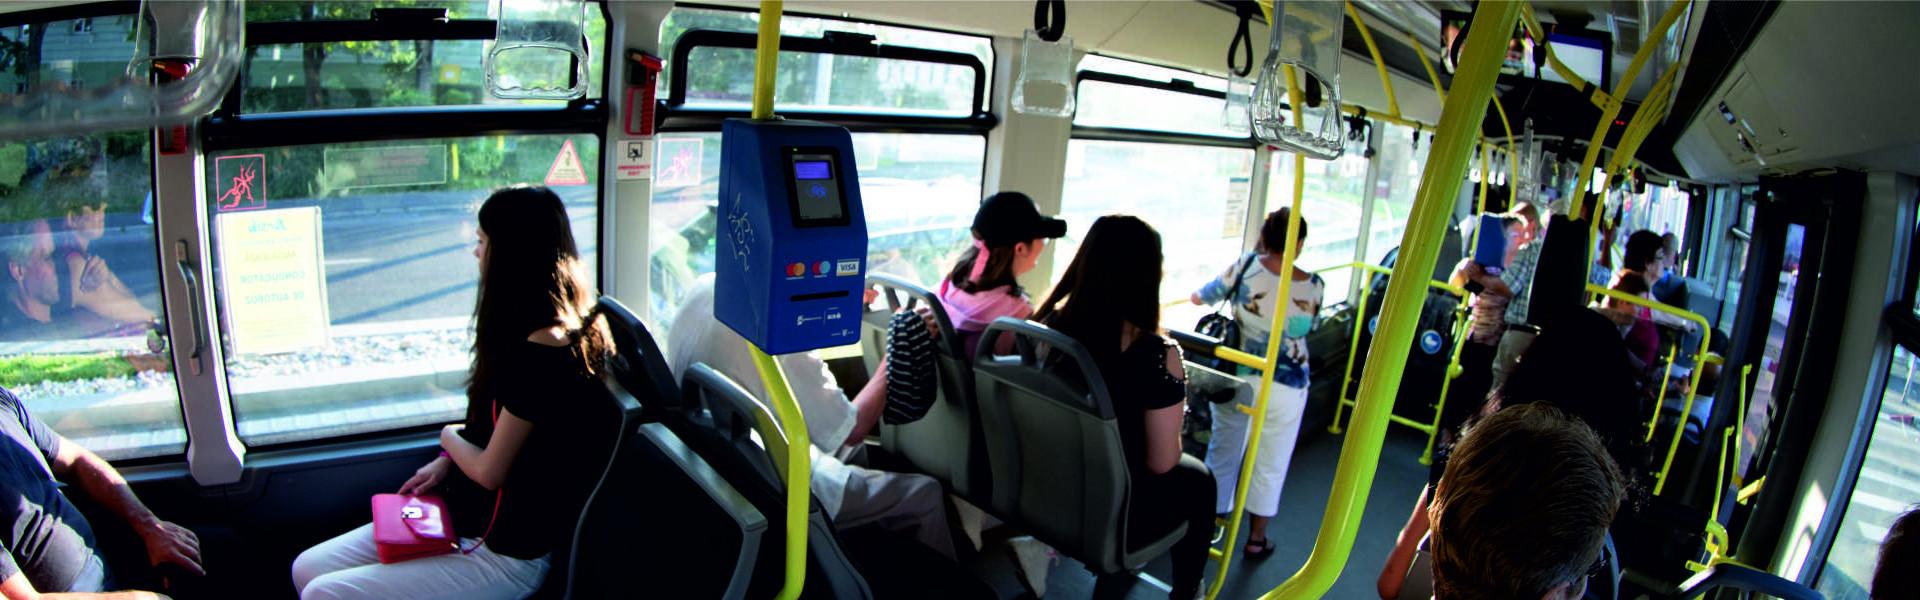 Transportul public din perspectiva studentilor